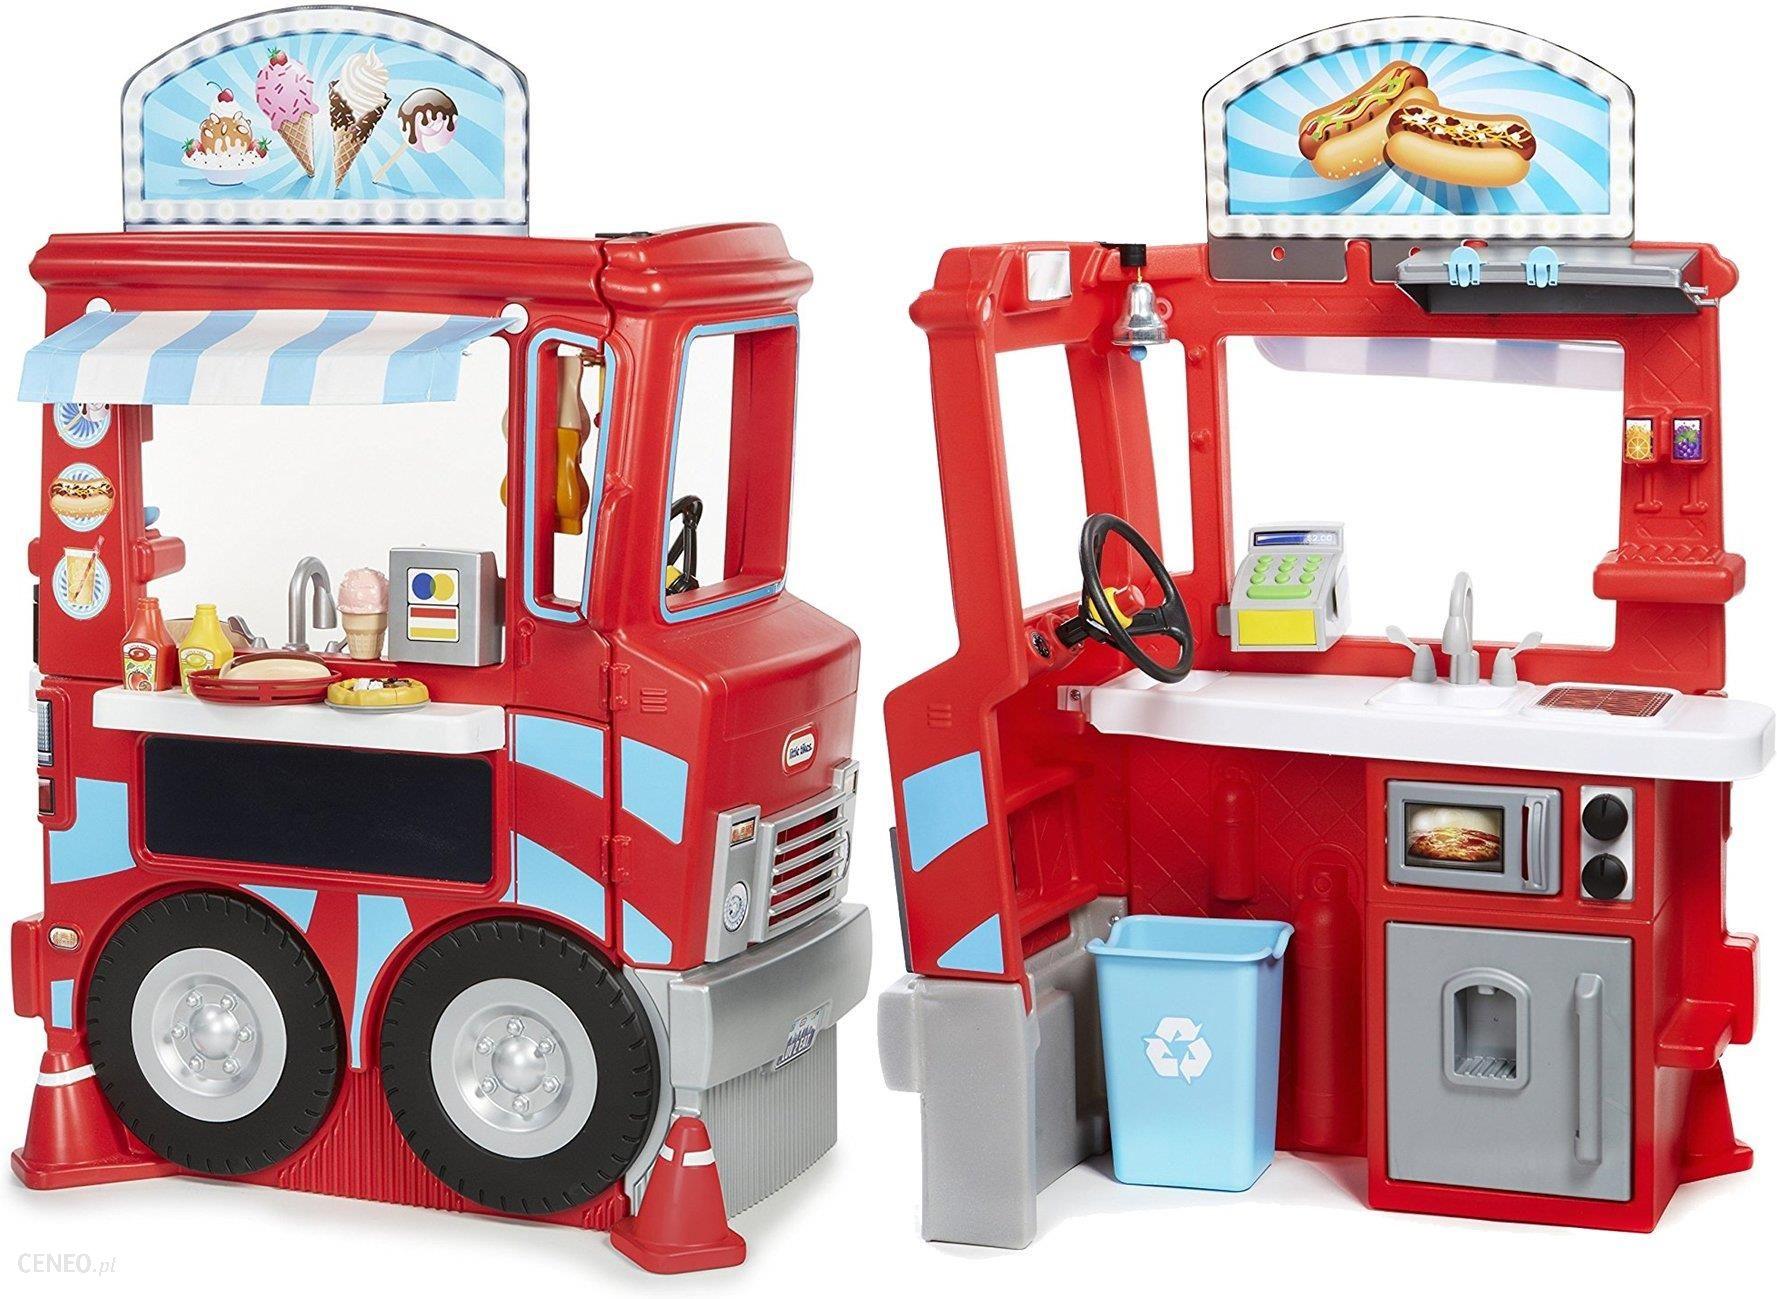 Zabawka Little Tikes Kuchnia Furgonetka Lodziarnia Food Truck 2 W 1 643644 Ceny I Opinie Ceneopl